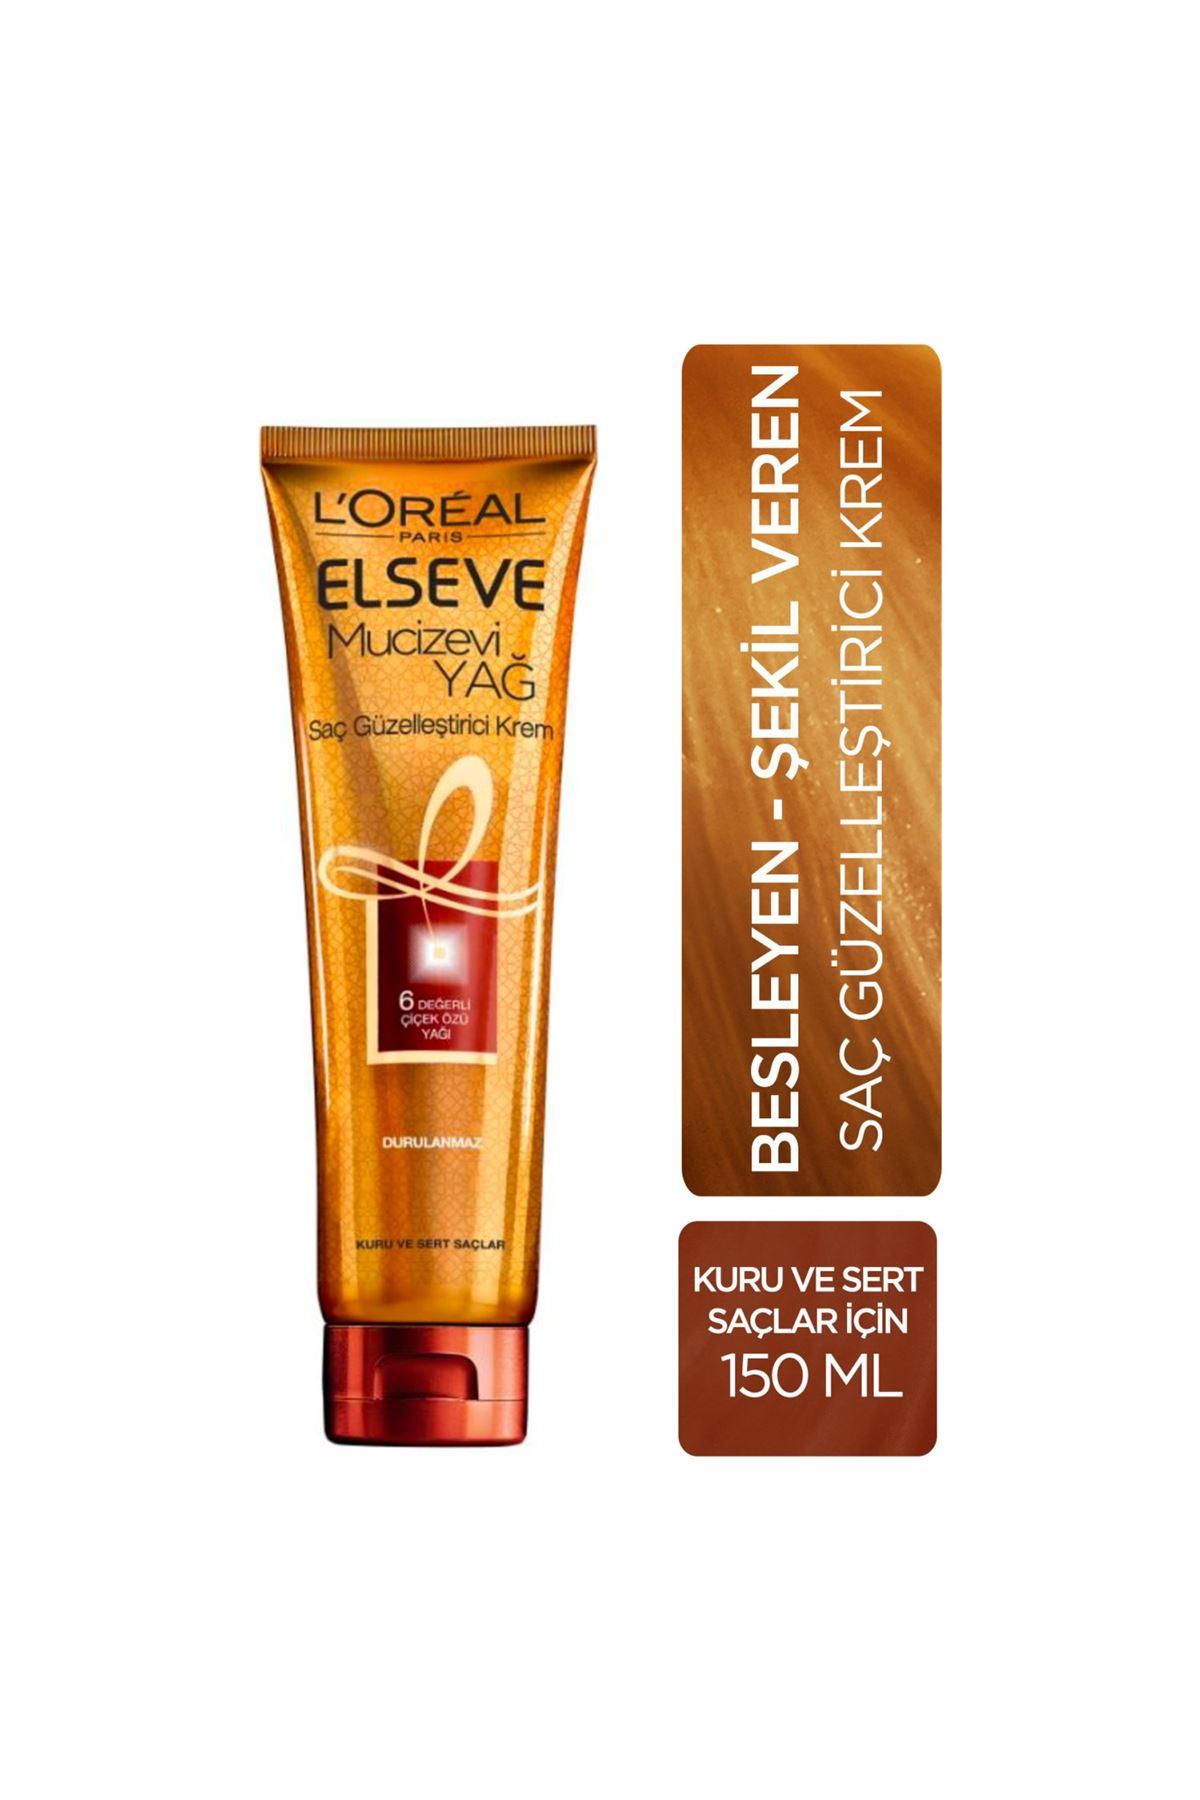 L'Oreal Paris Elseve Mucizevi Yağ  Kuru ve Sert  Saçlar İçin Güzelleştirici Krem 150 ml